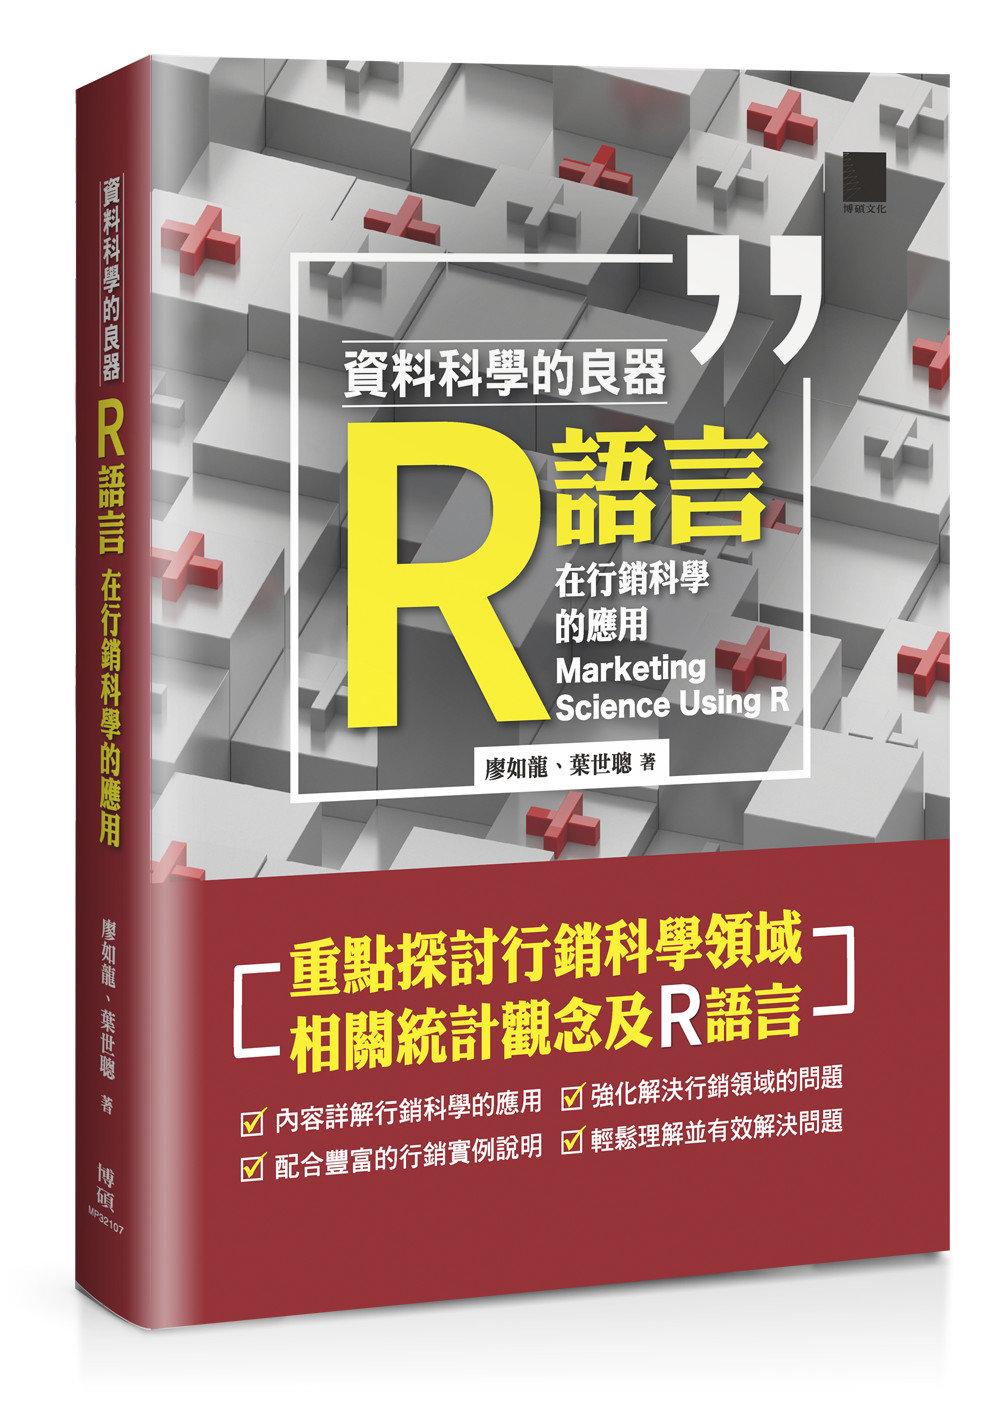 資料科學的良器:R語言在行銷科學的應用-preview-1